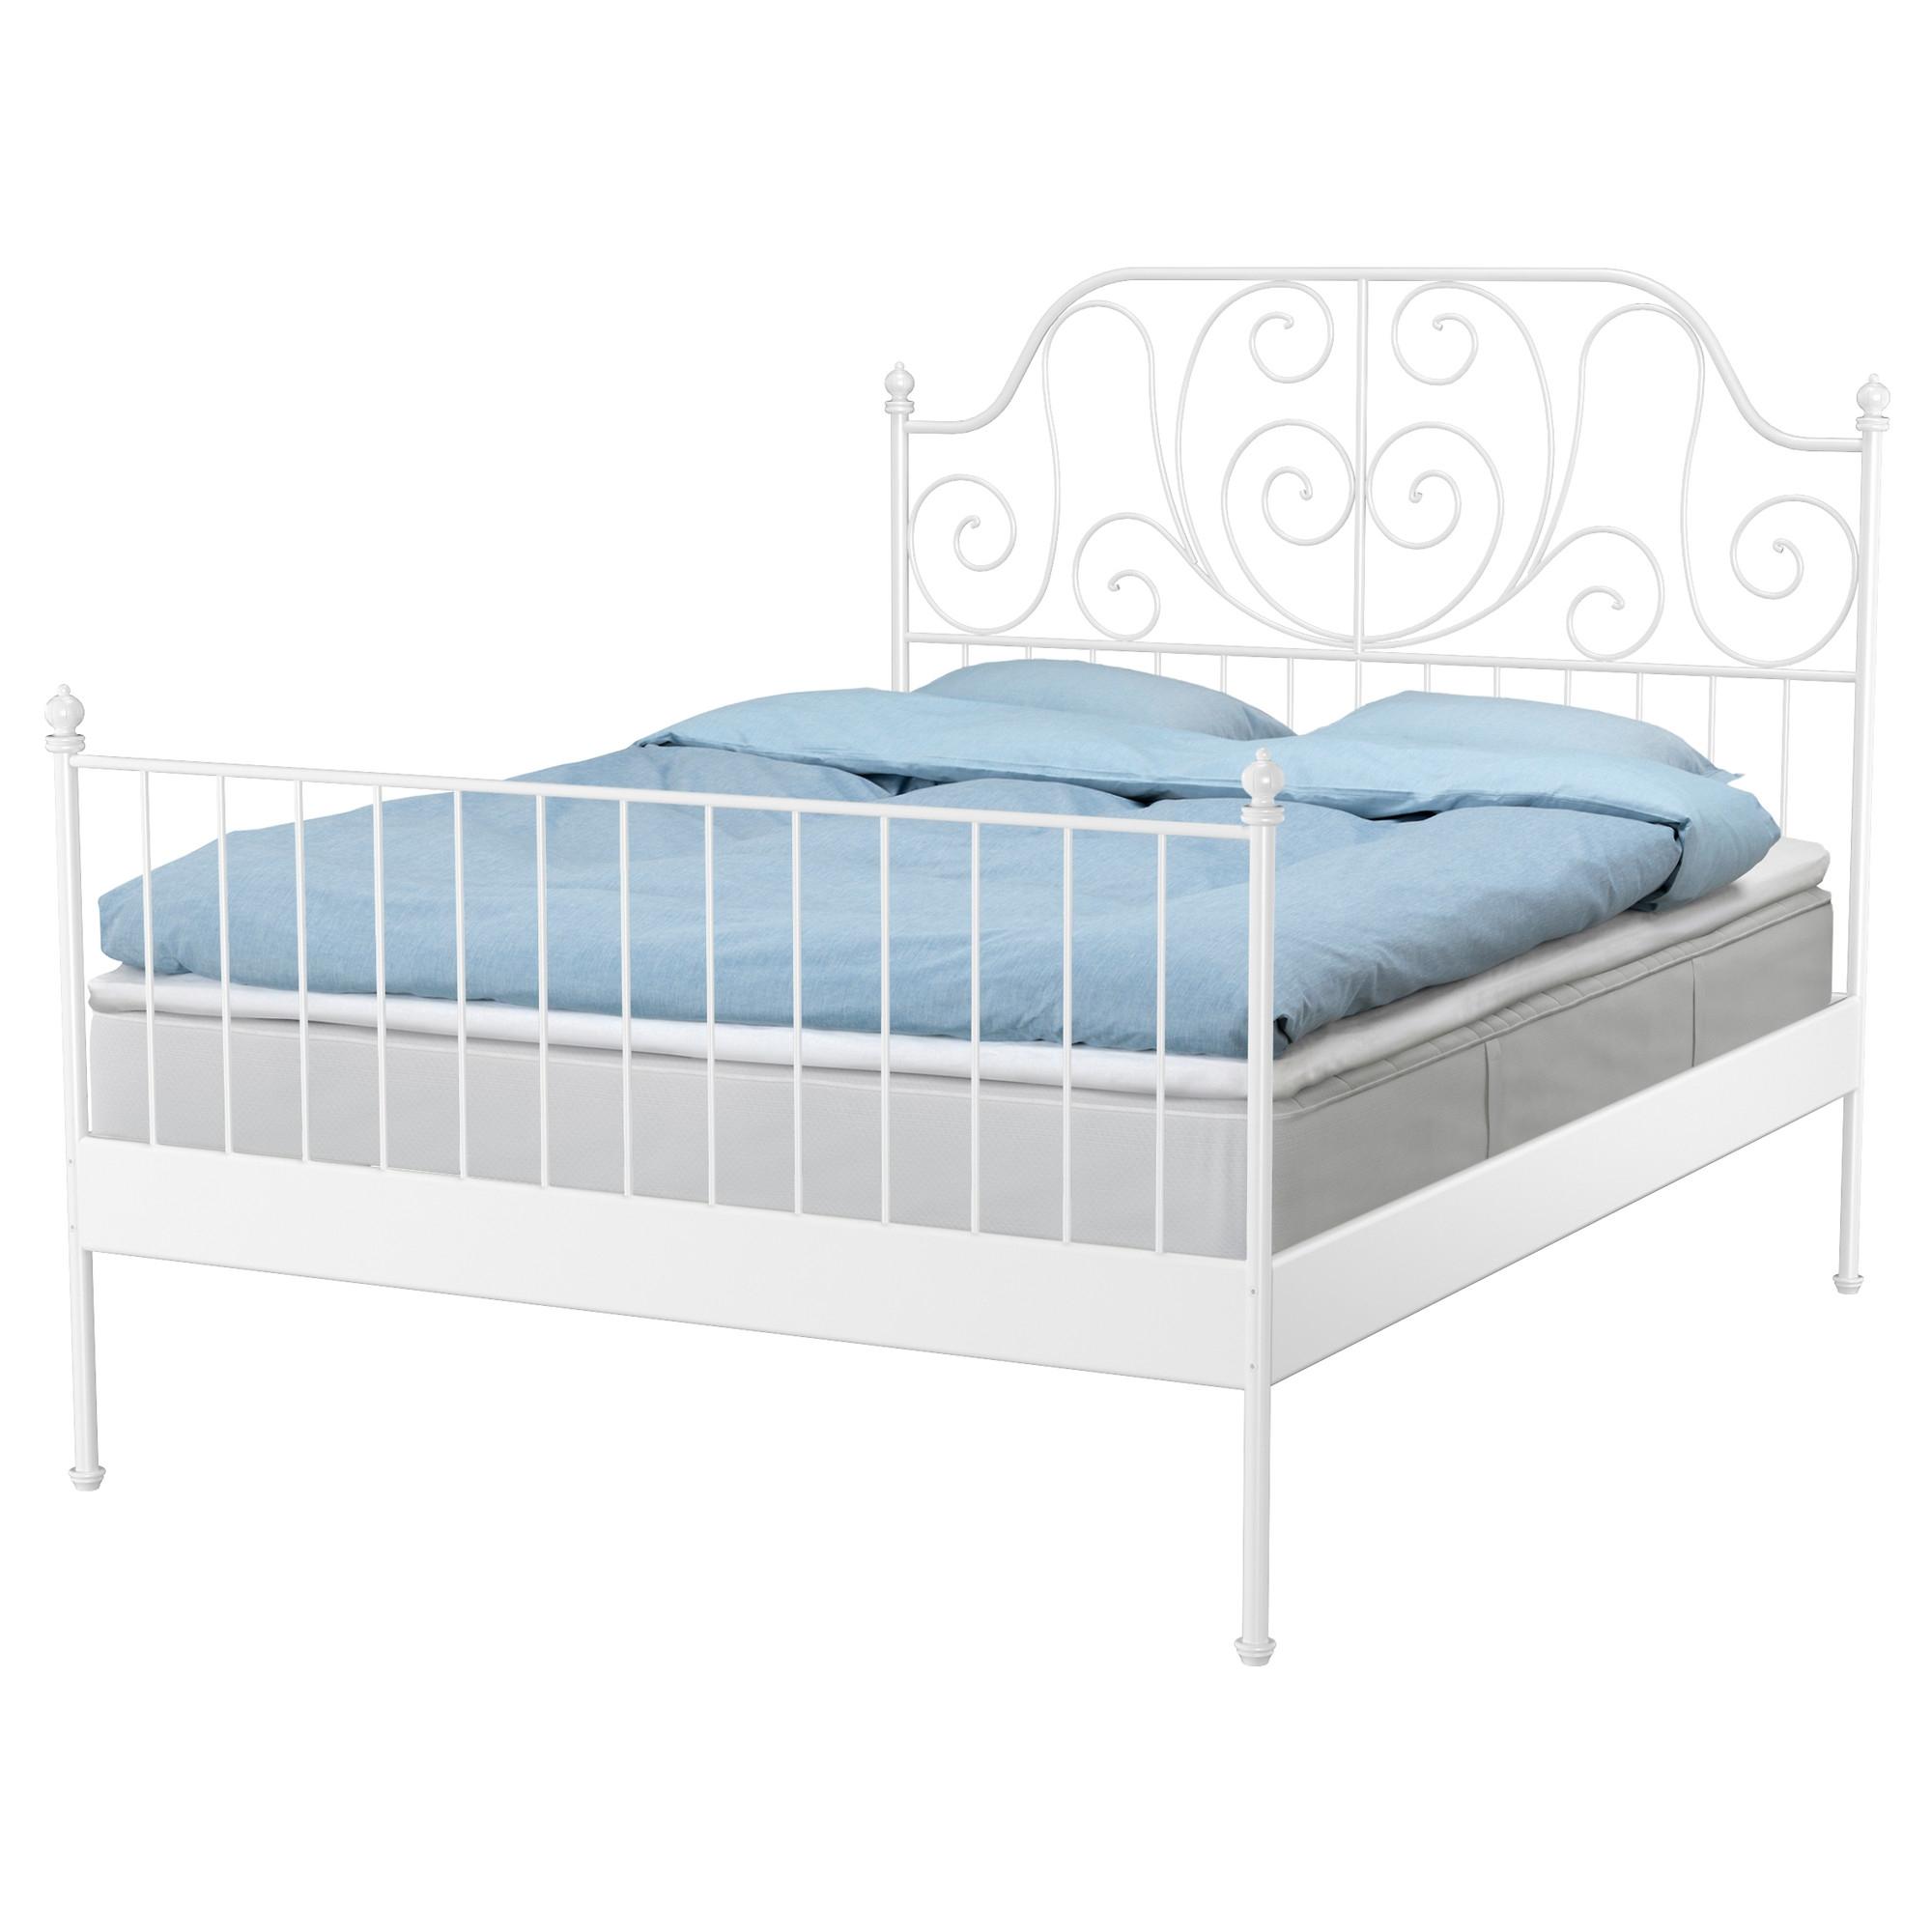 LEIRVIK cabecero/pies para cama 180